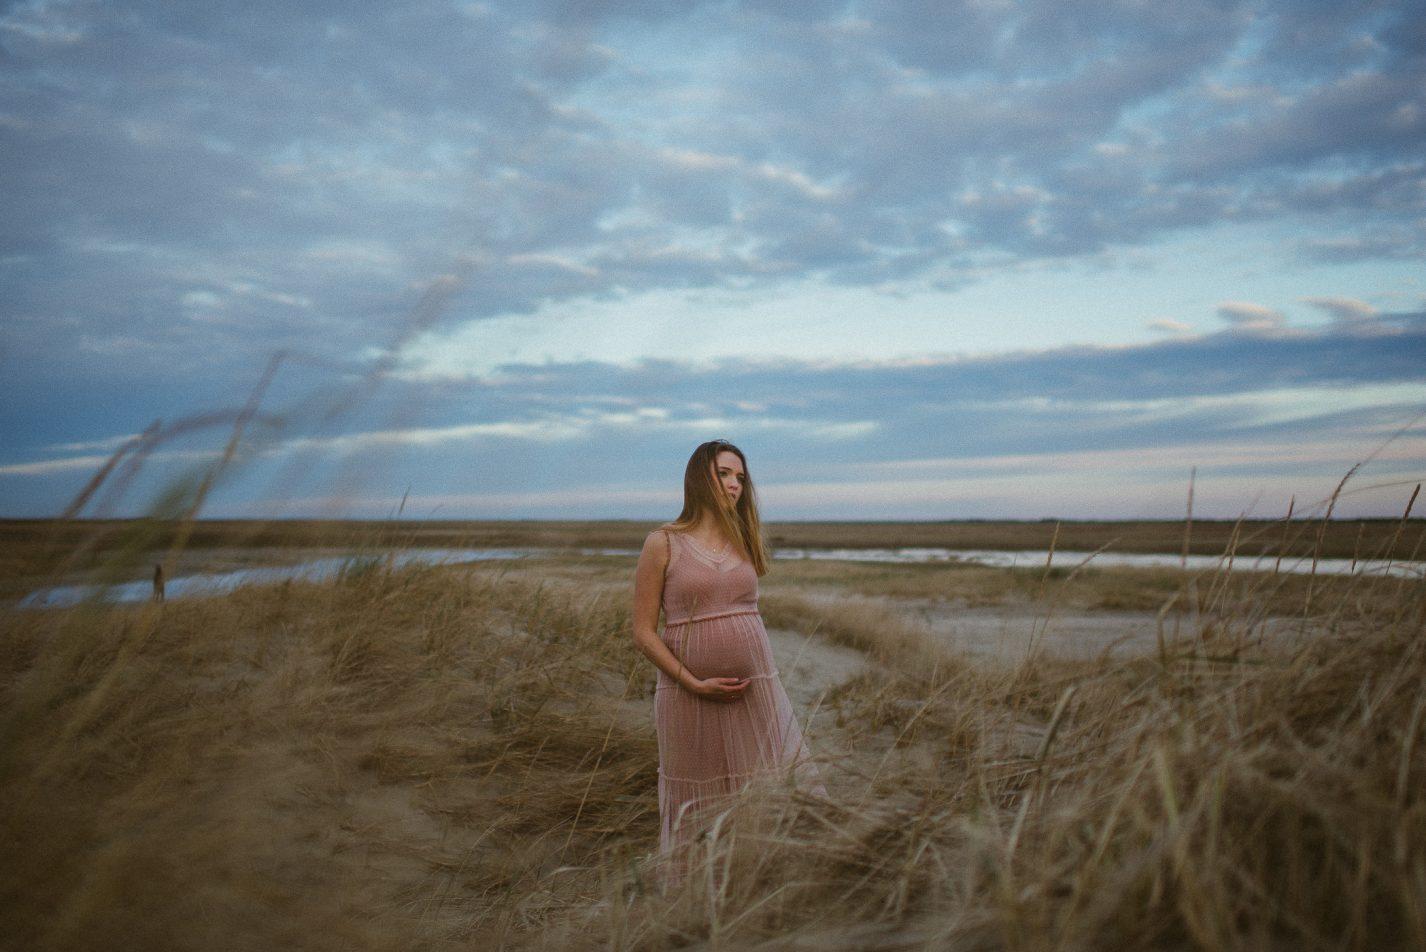 Schwangere Frau in den Dünen Dänemarks, Familienbilder von Anne und Björn, Gras, Sand, Wolken, Watt, Kleid, lange Haare,